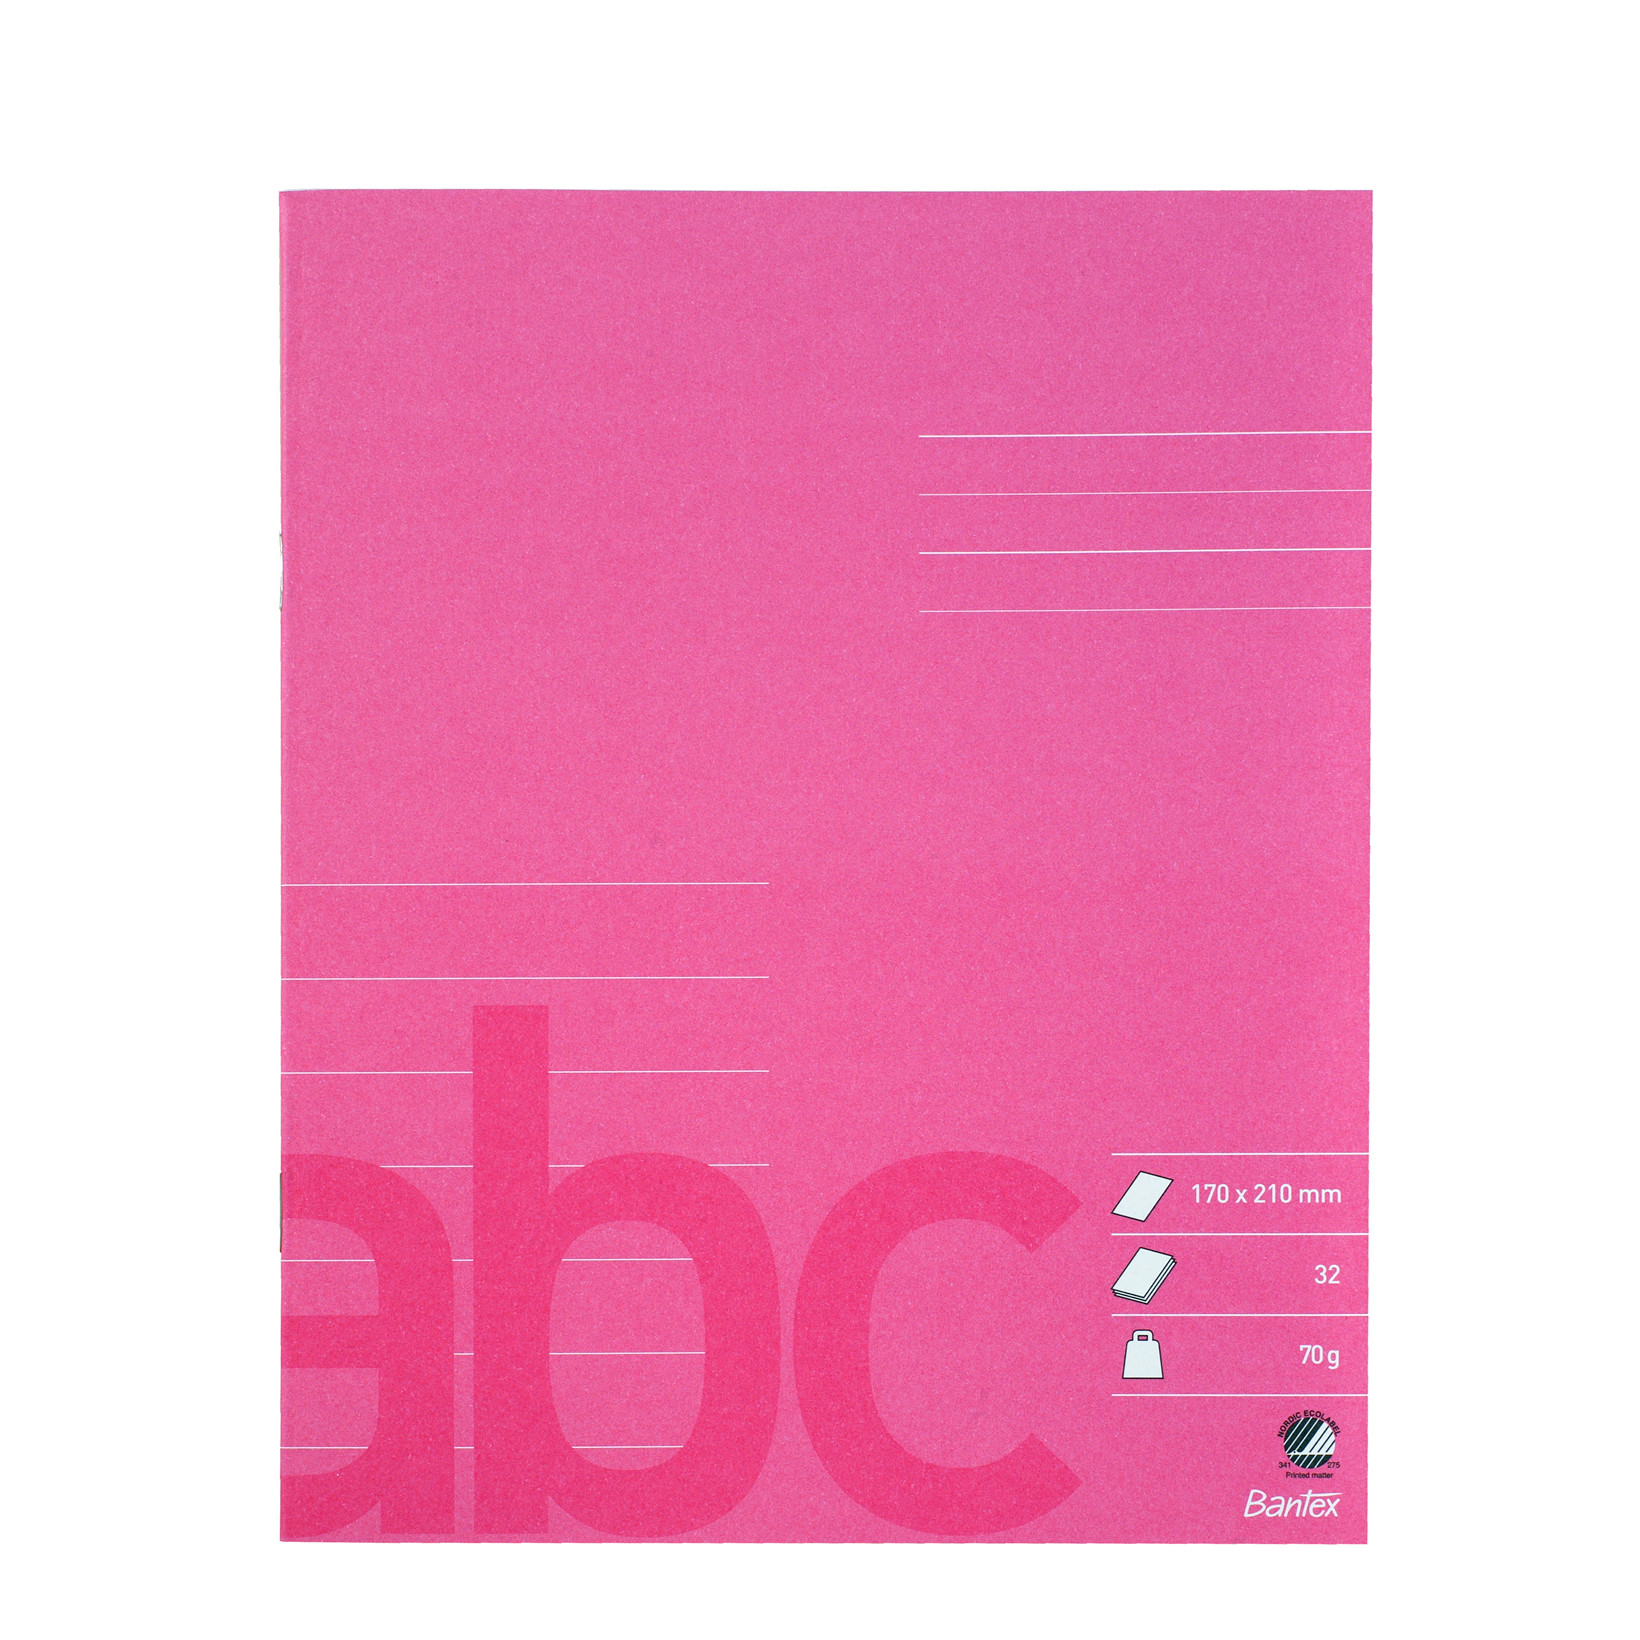 Bantex Skolehæfte 17 x 21 cm - Pink linjeret med 7 linjer - 32 sider